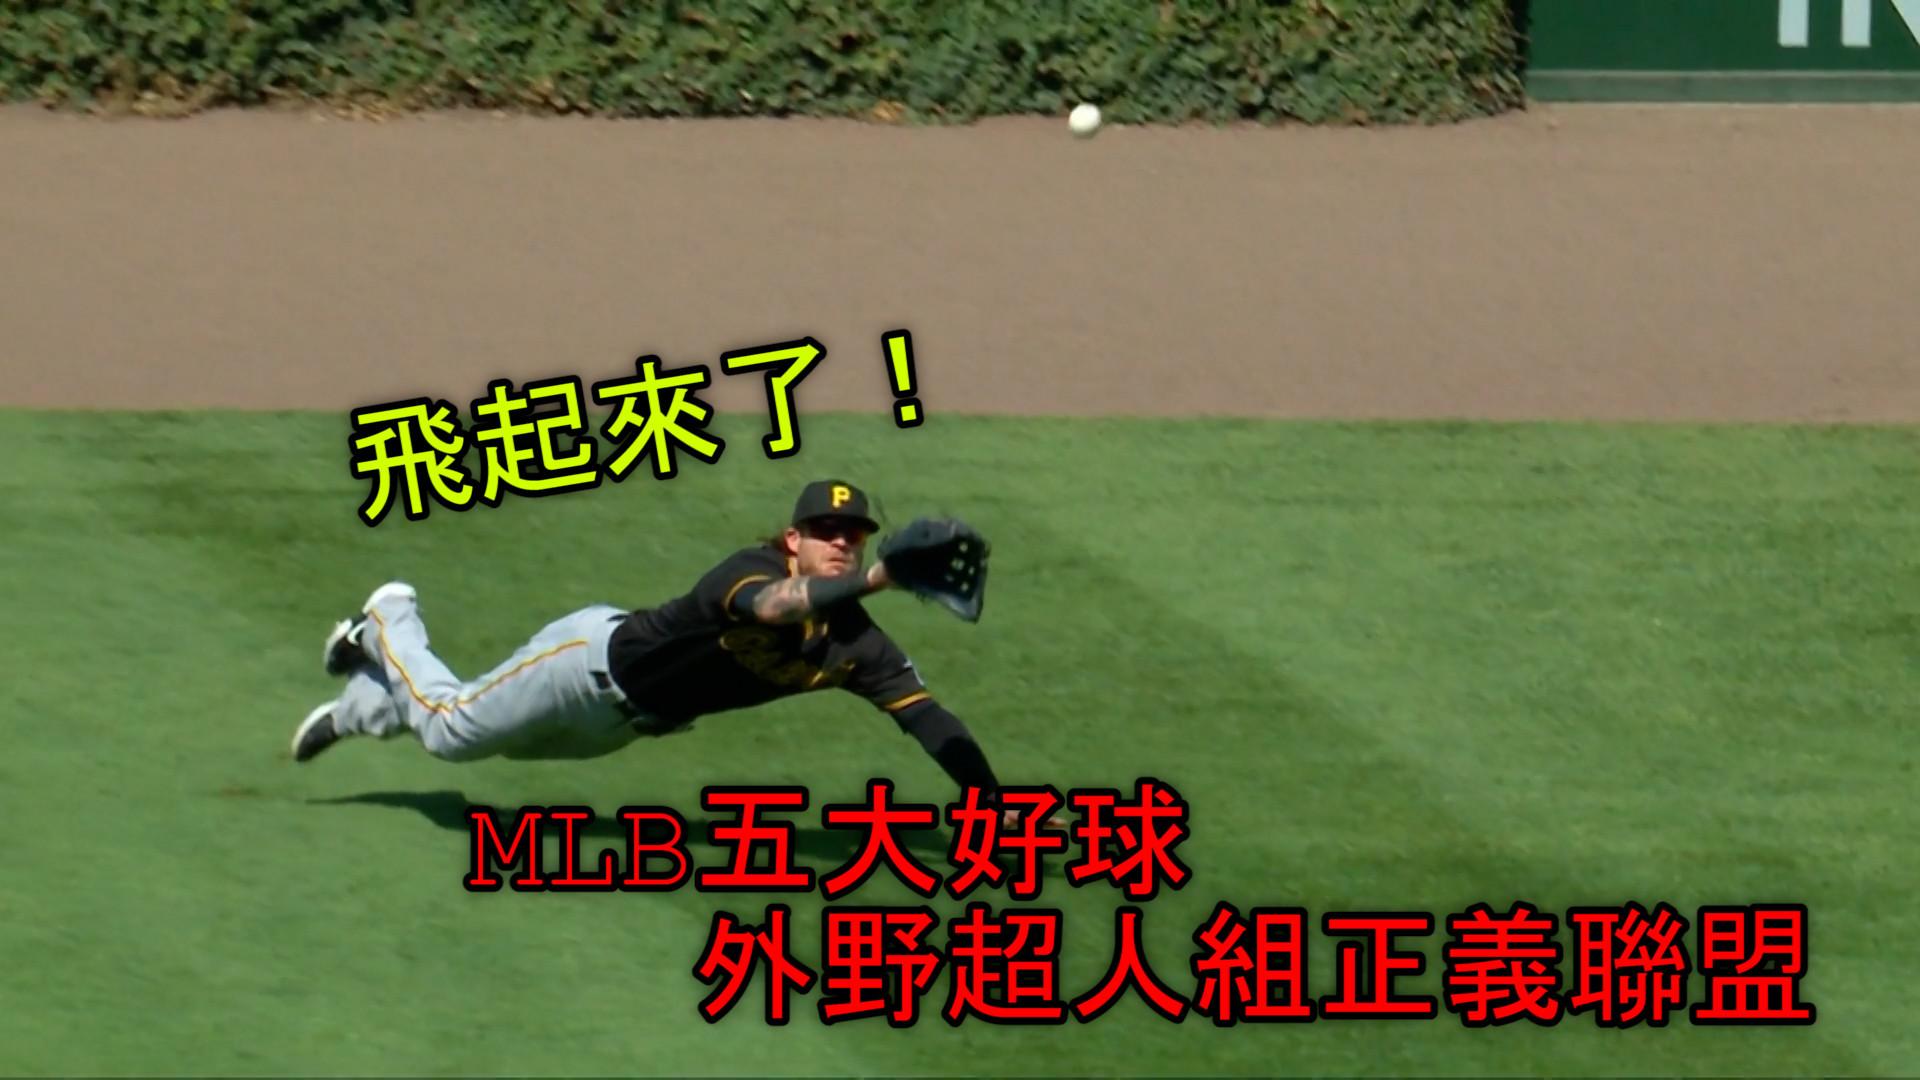 【MLB看愛爾達】MLB美國職棒五大好球時間 09/06